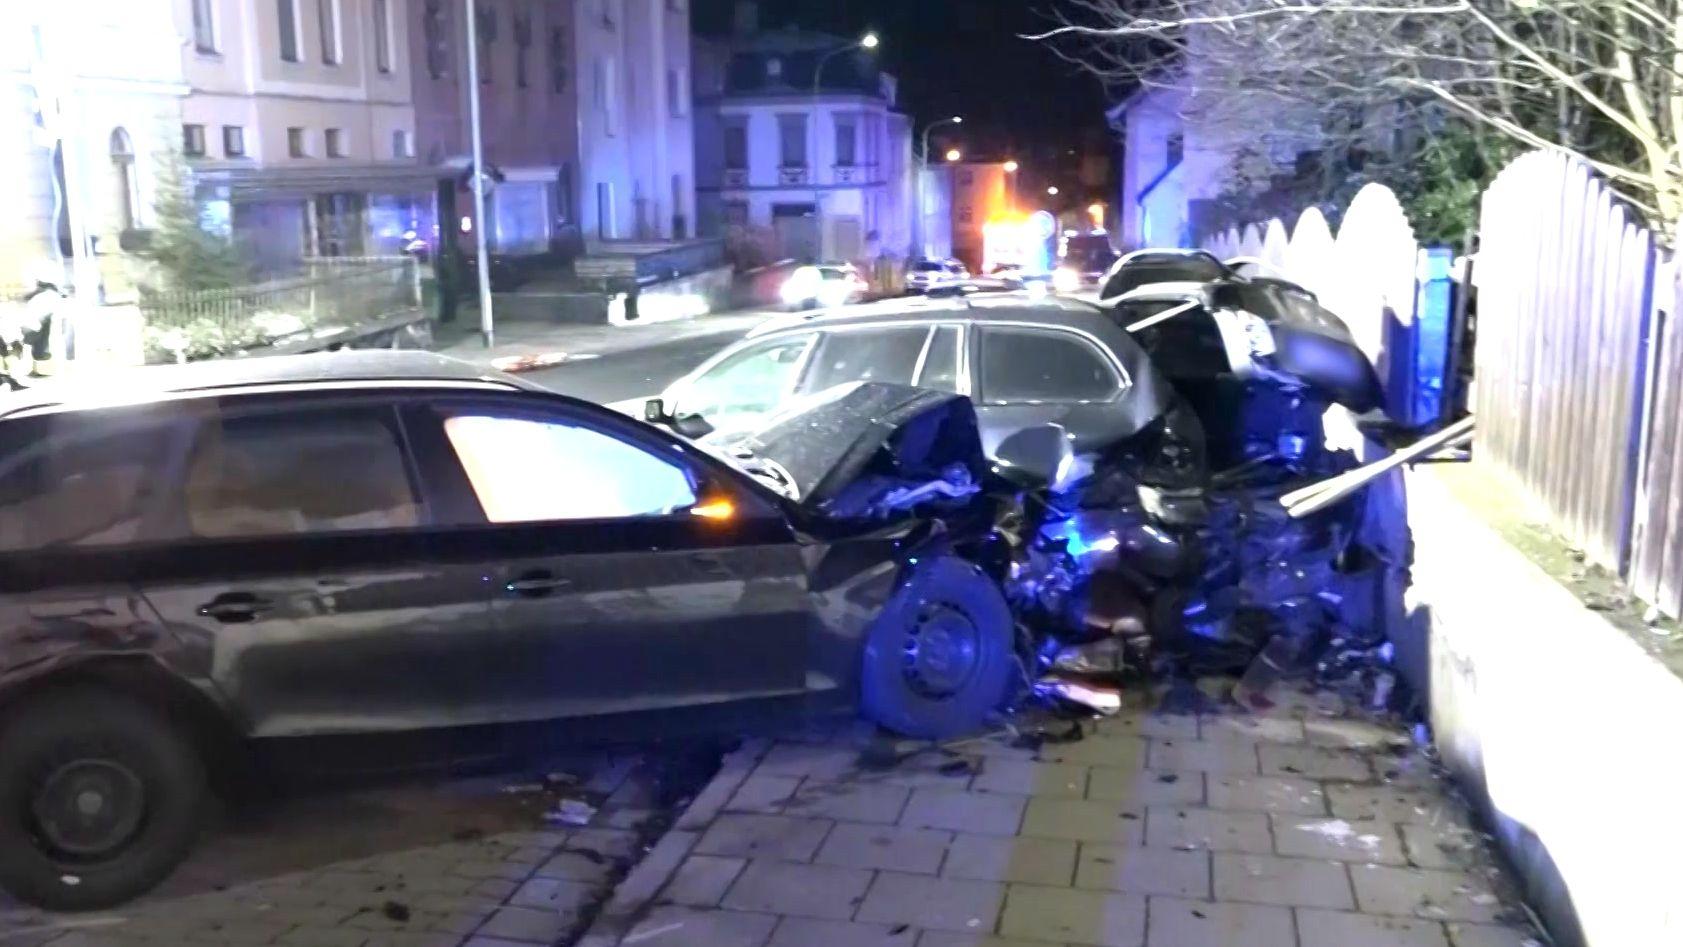 Zwei schwer beschädigte Autos stehen auf einem Gehweg.